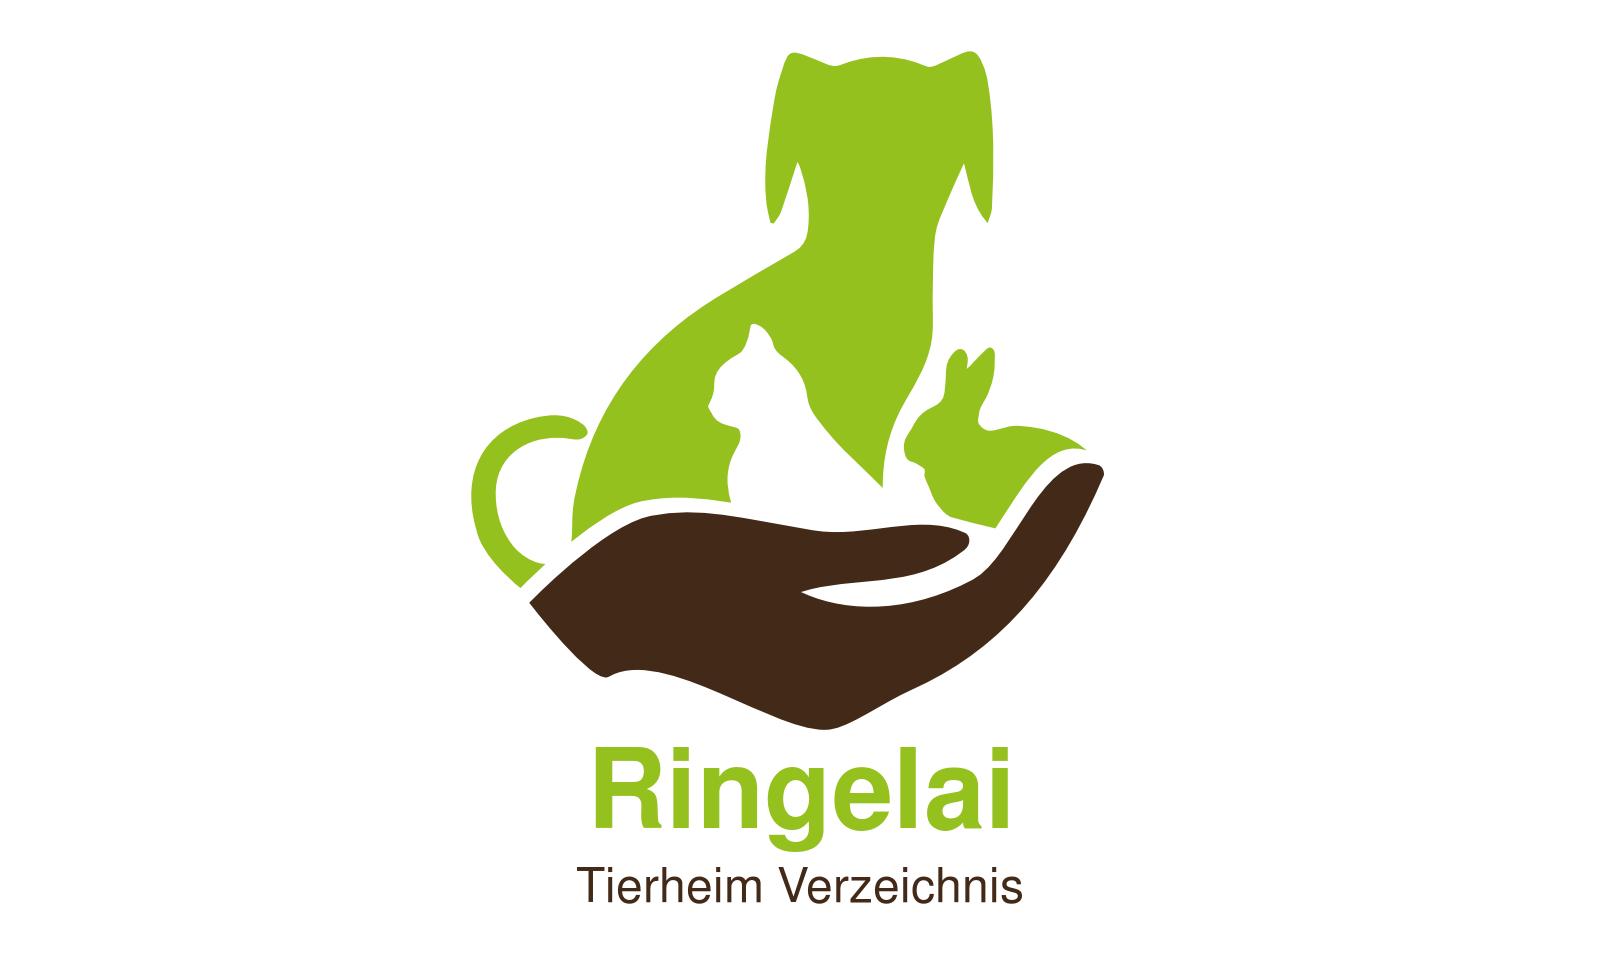 Tierheim Ringelai